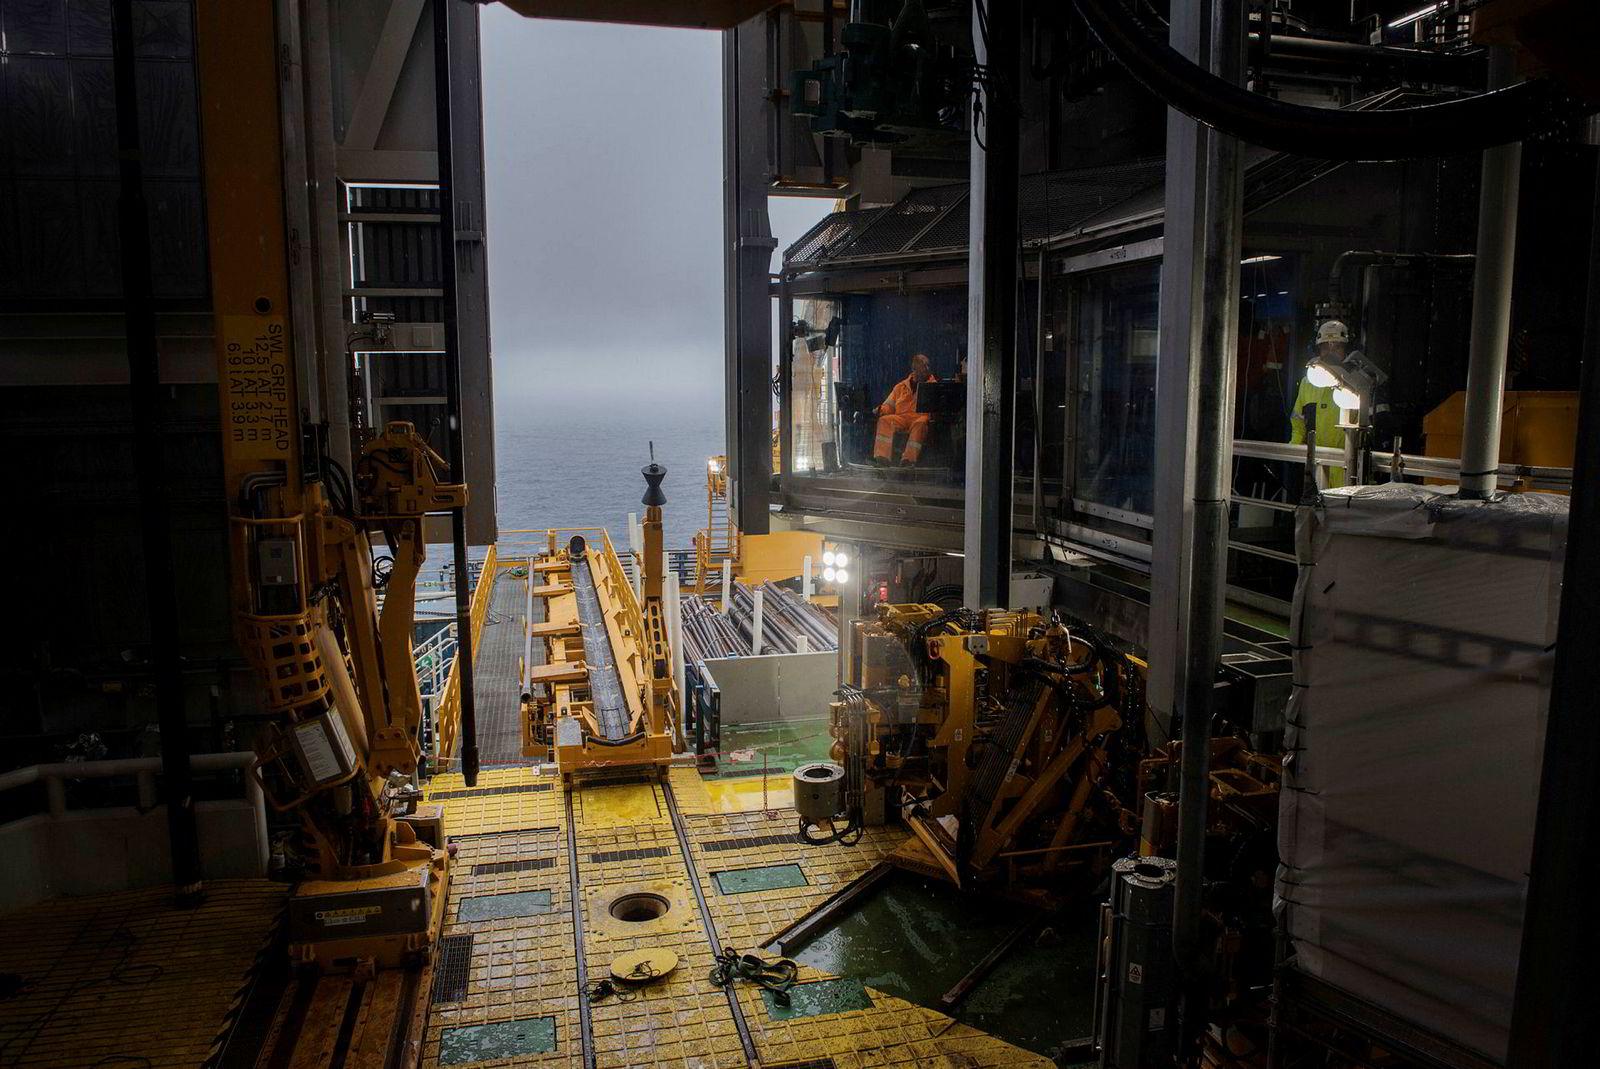 Nordsjøen, 22. august 2018:I månedsvis ble utstyr testet og arbeid ferdiggjort på feltet før oppstart i fjor høst. Her er det  driller  Jostein Kløve og assisterende Lars Borlaug som tester utstyr. Ingen felt i Nordsjøen er mer avansert teknologisk. Her er det siste av digitale nyvinninger tatt i bruk.